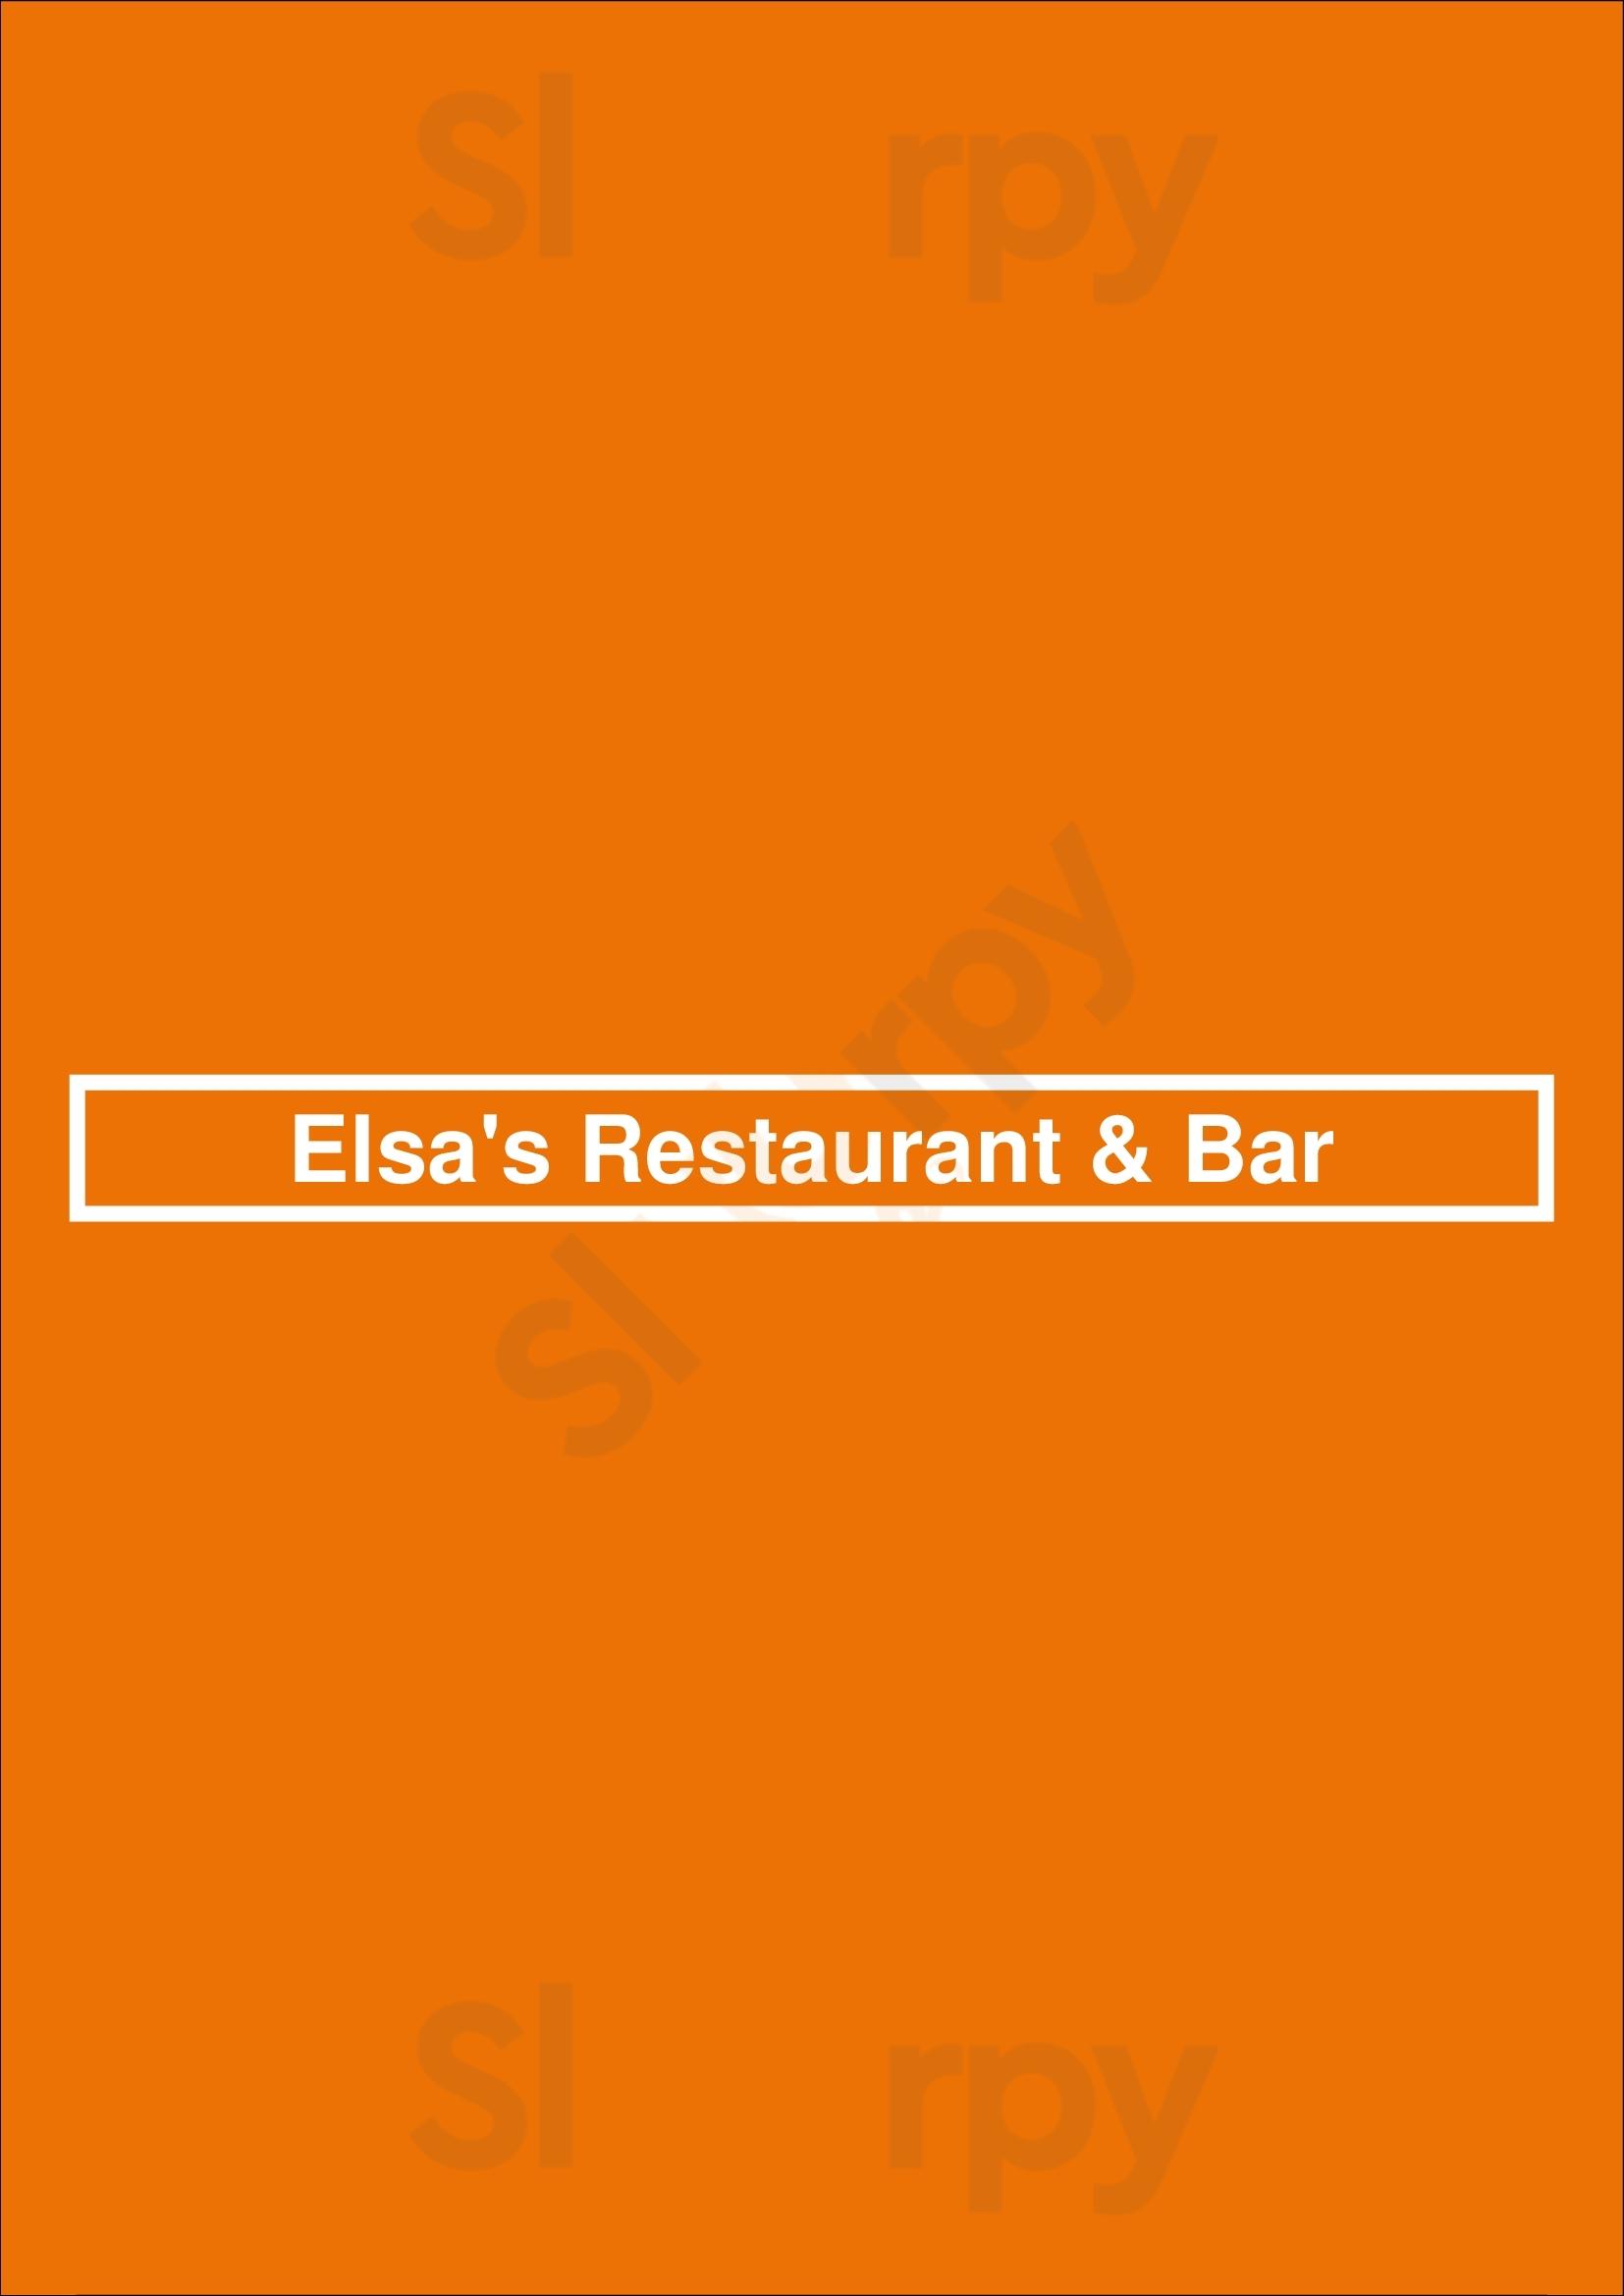 Elsa's Restaurant & Bar Hamburg Menu - 1